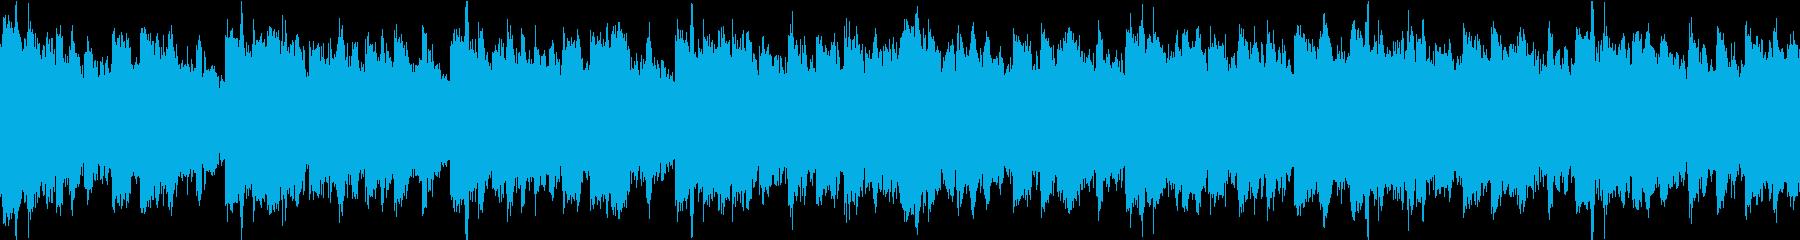 民族調バラード アコースティック ループの再生済みの波形